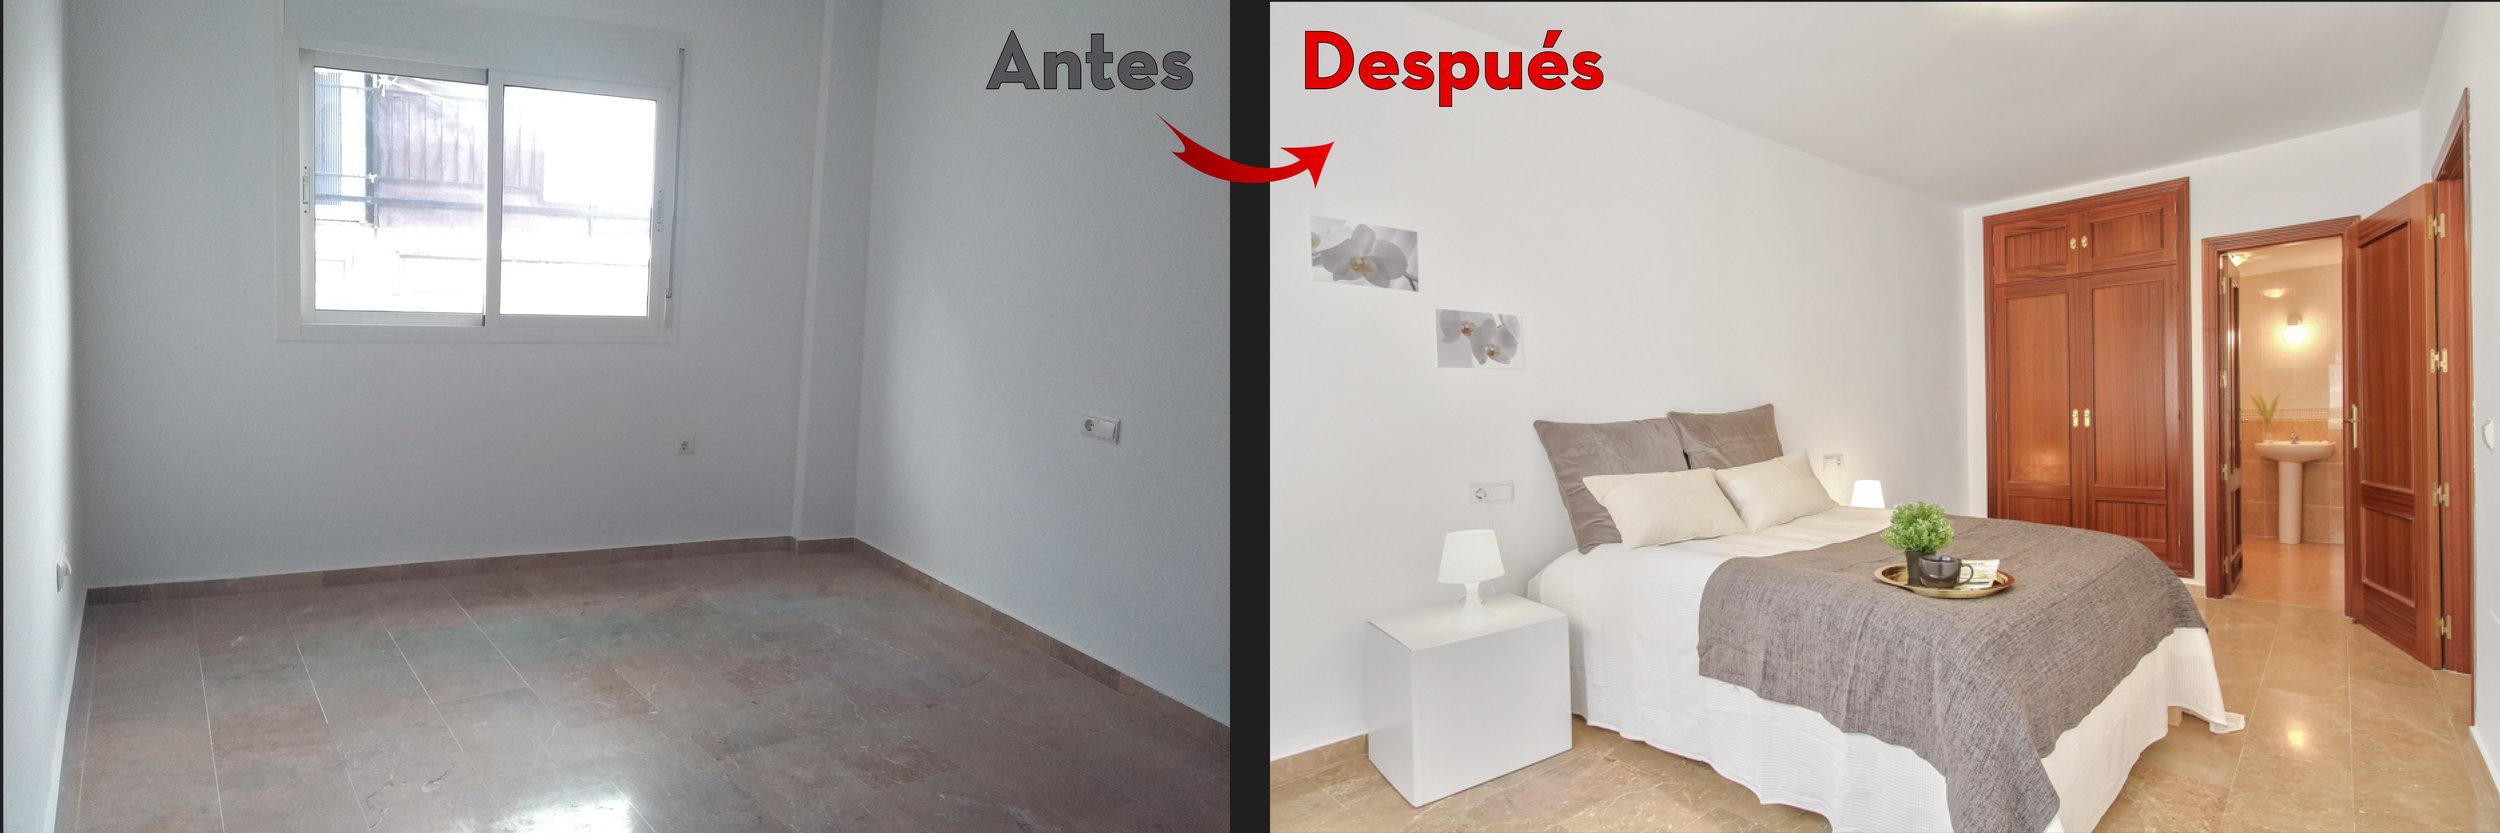 AntesyDespues Duque_5.jpg